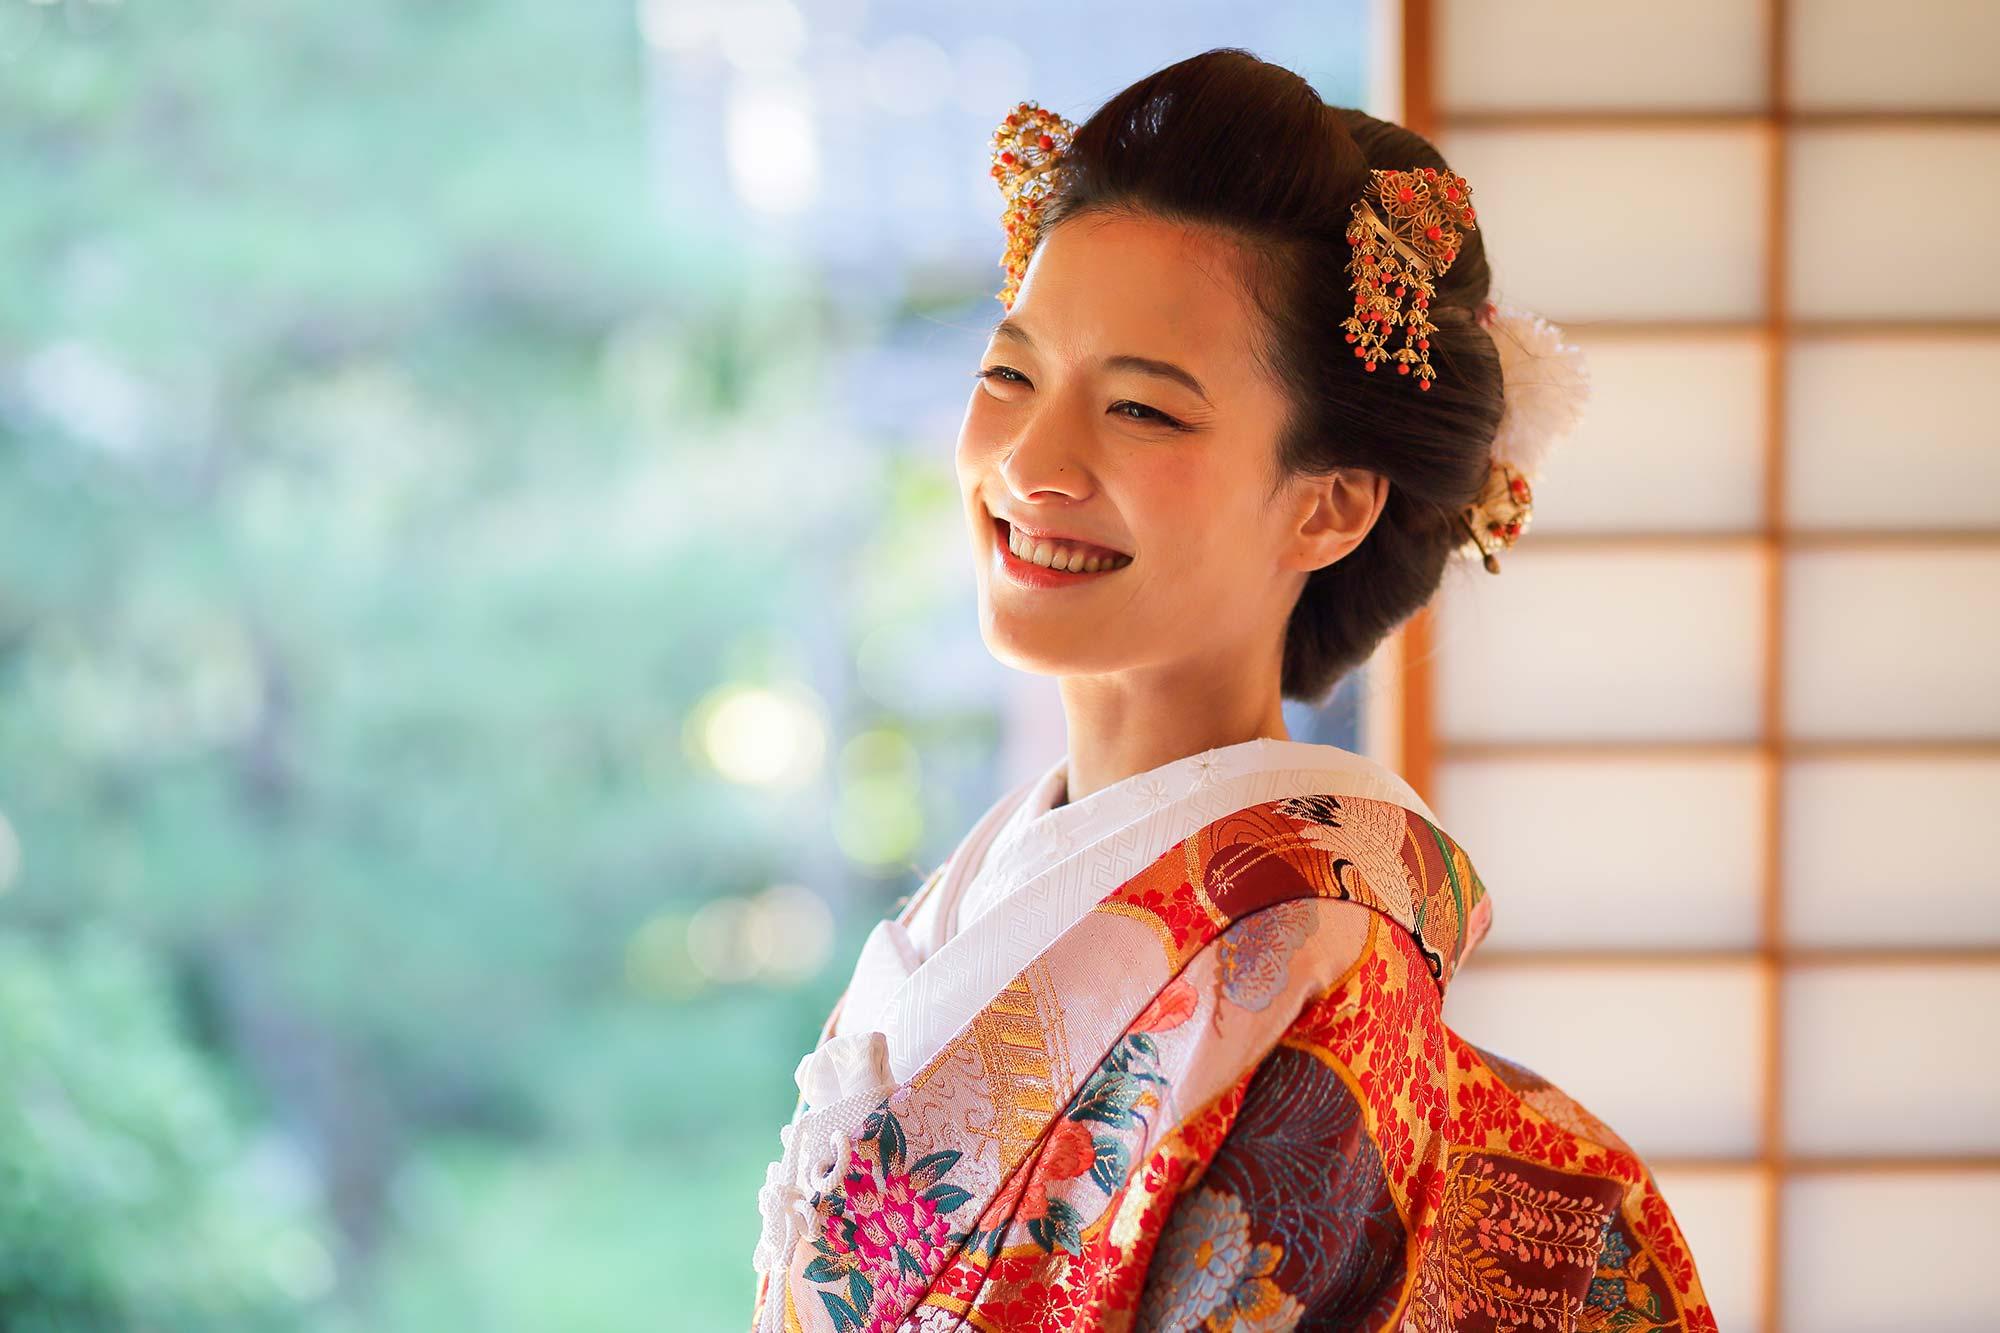 お茶室での花嫁様の笑顔のお写真